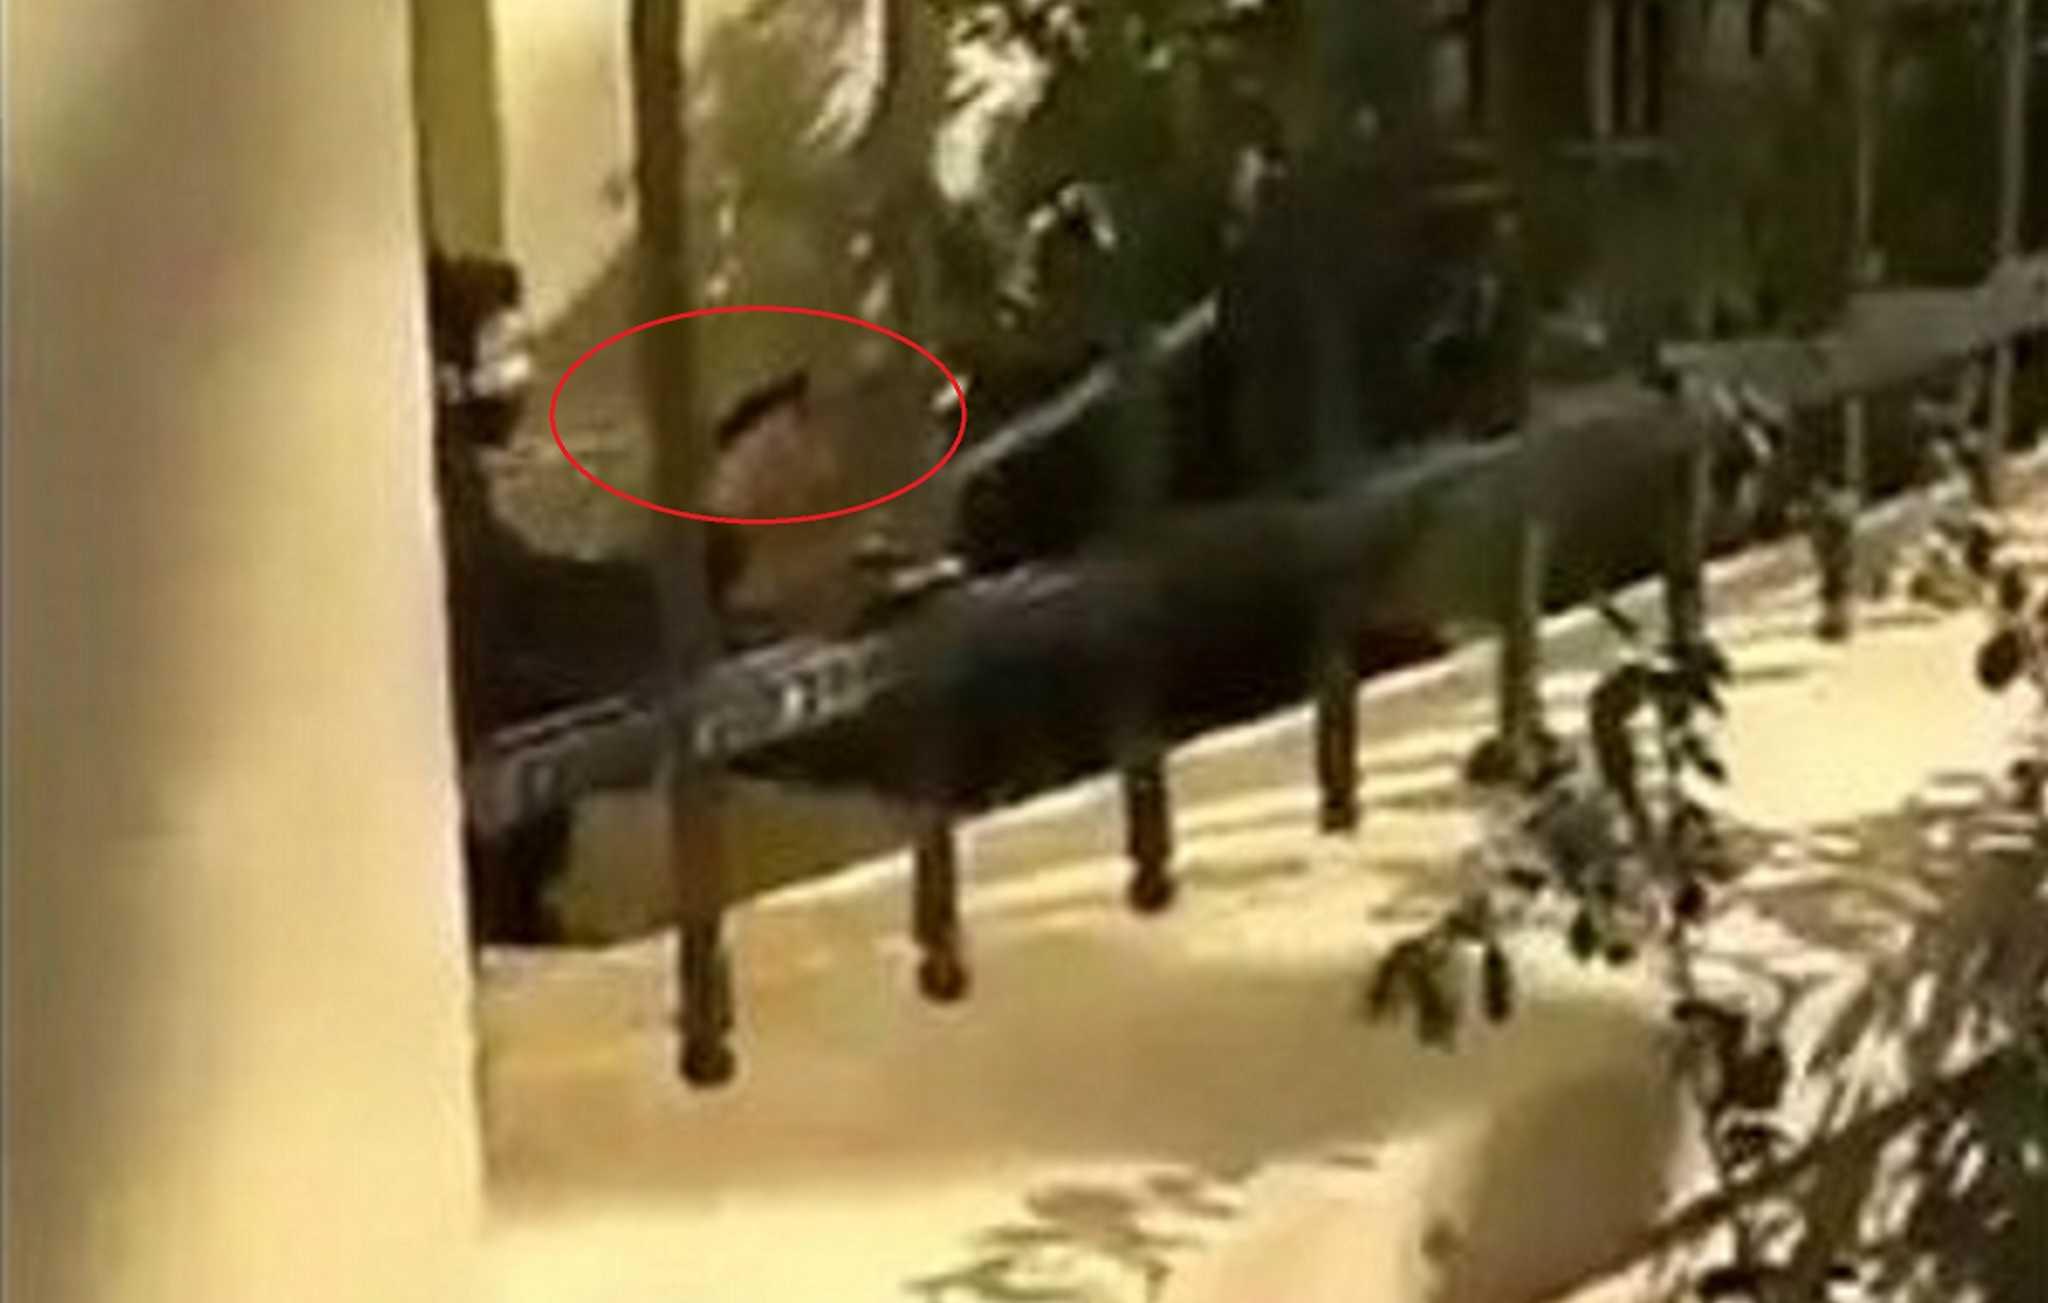 ΑΣΟΕΕ: Νέο βίντεο με τον αστυνομικό που τράβηξε όπλο